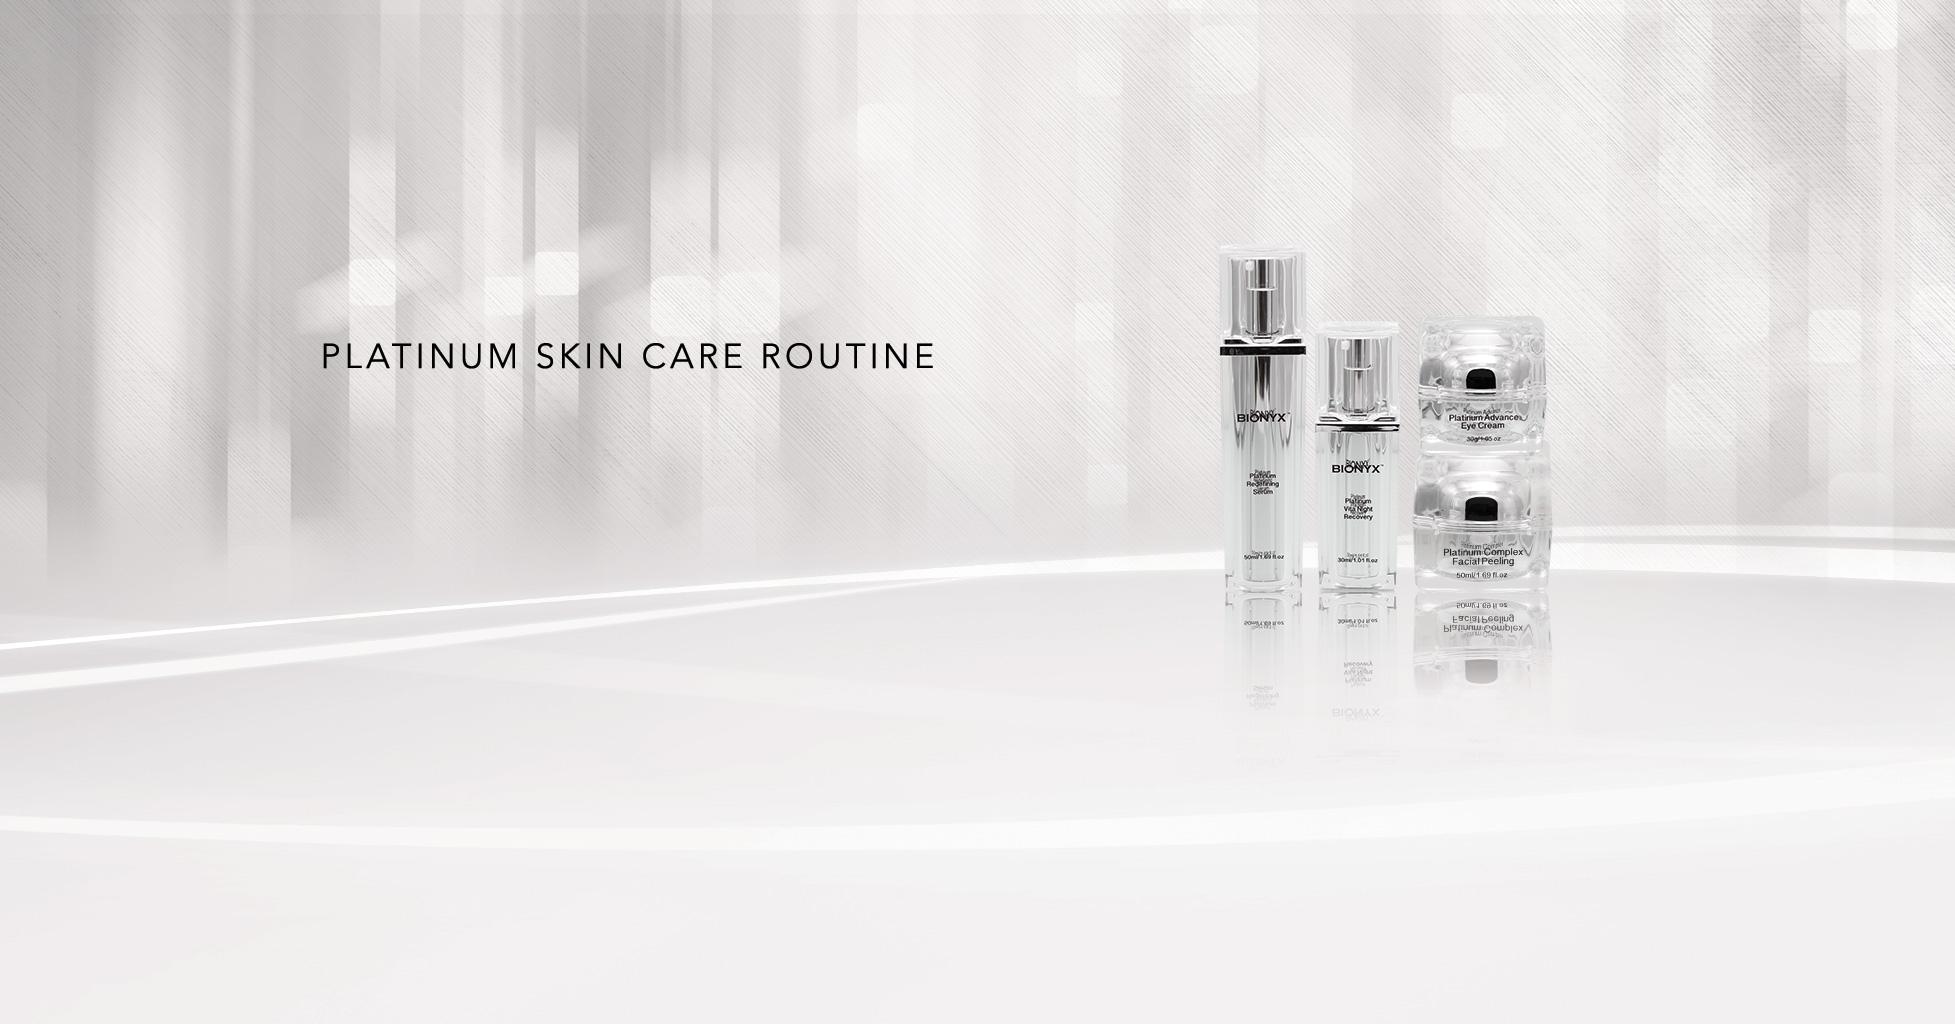 Platinum Skincare Routine